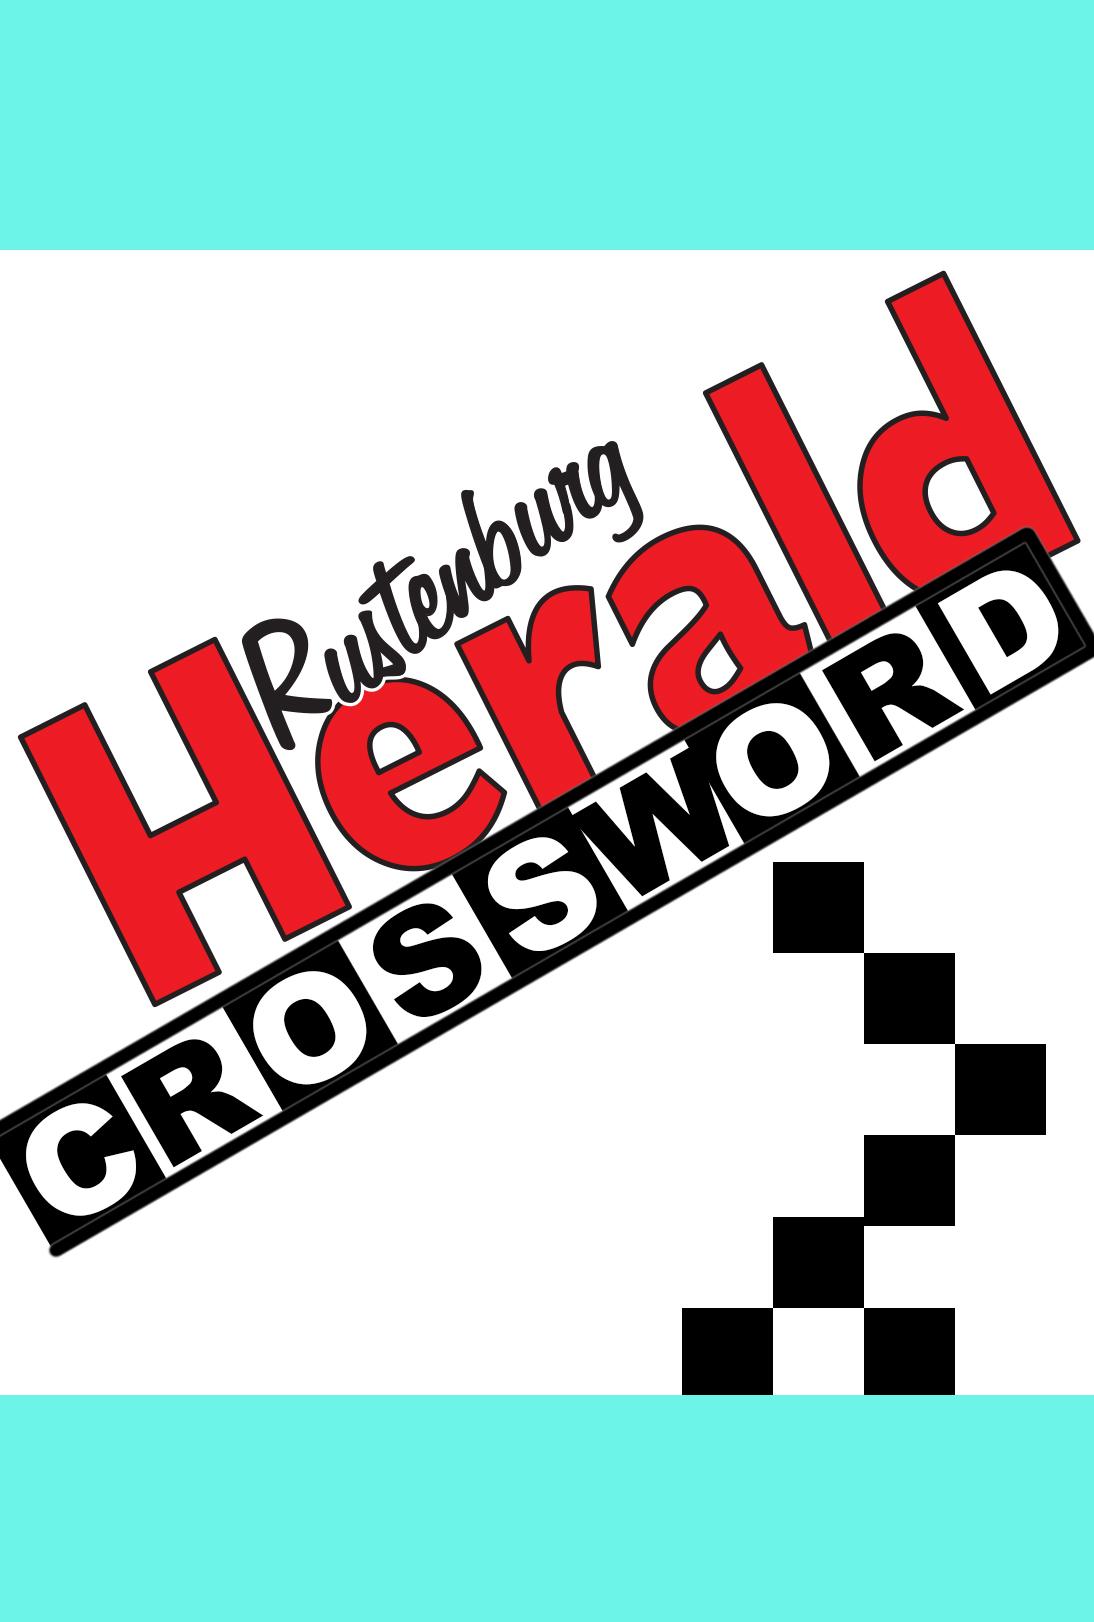 Rustenburg Herald Crossword